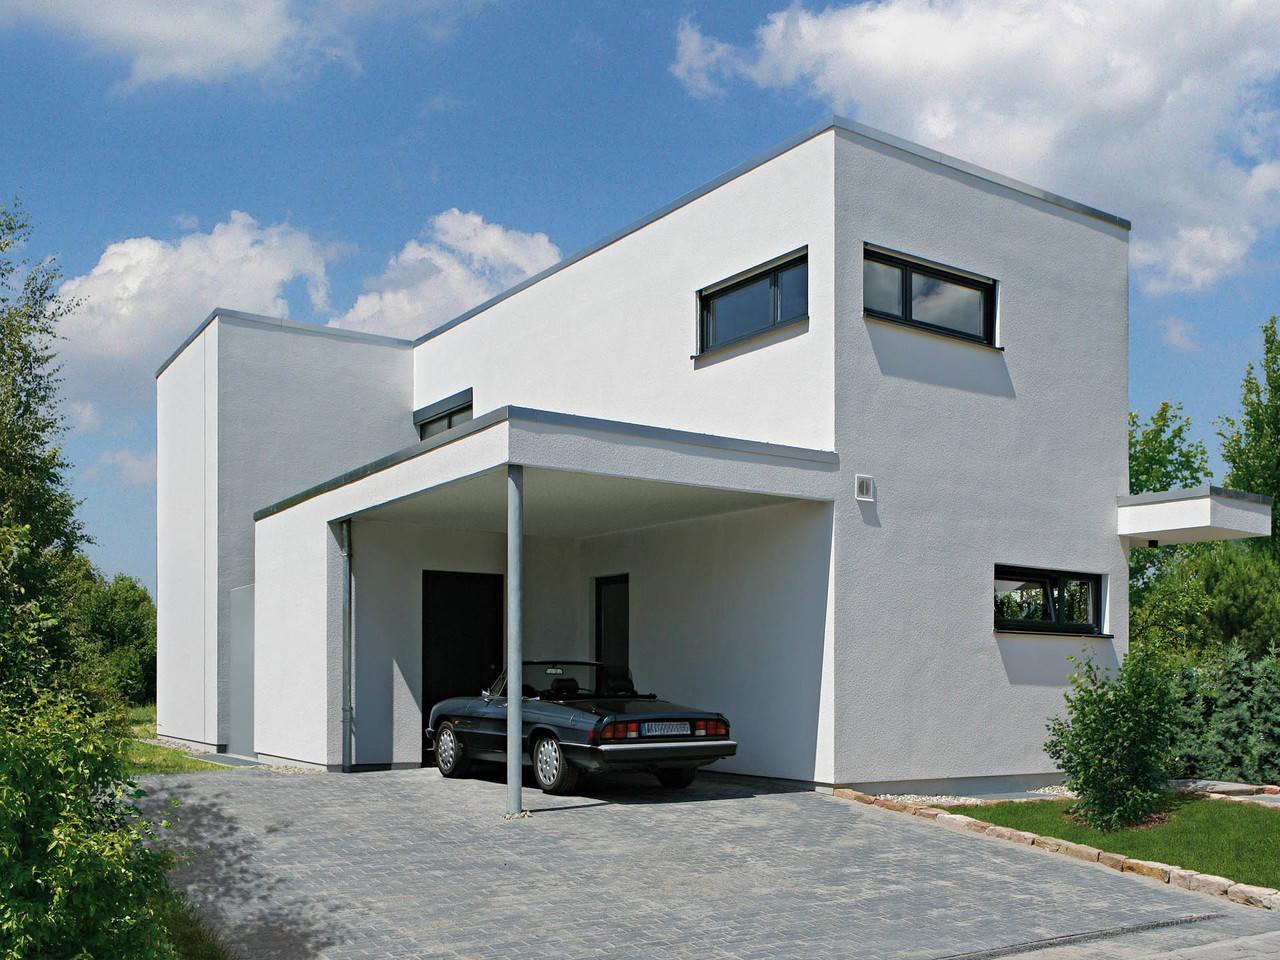 Bungalow Behringen: Haus Schlüsselfertig Unter 200.000